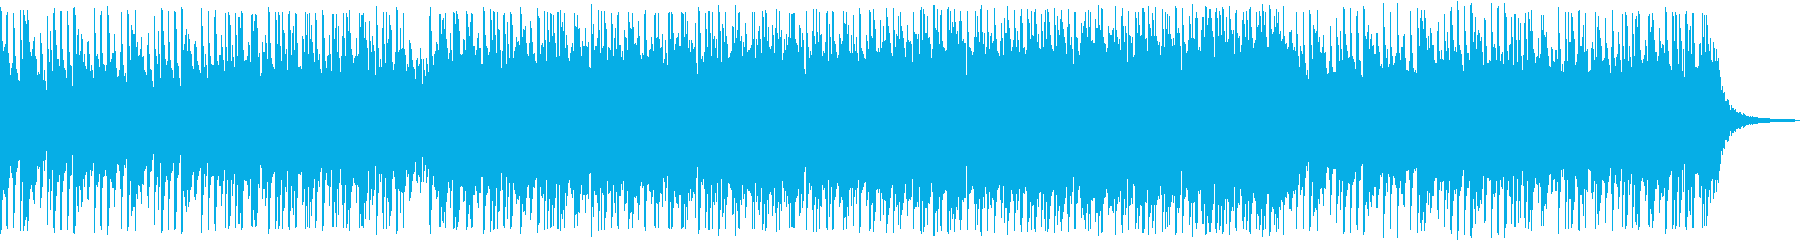 日本的な曲調が印象的なBGMの再生済みの波形